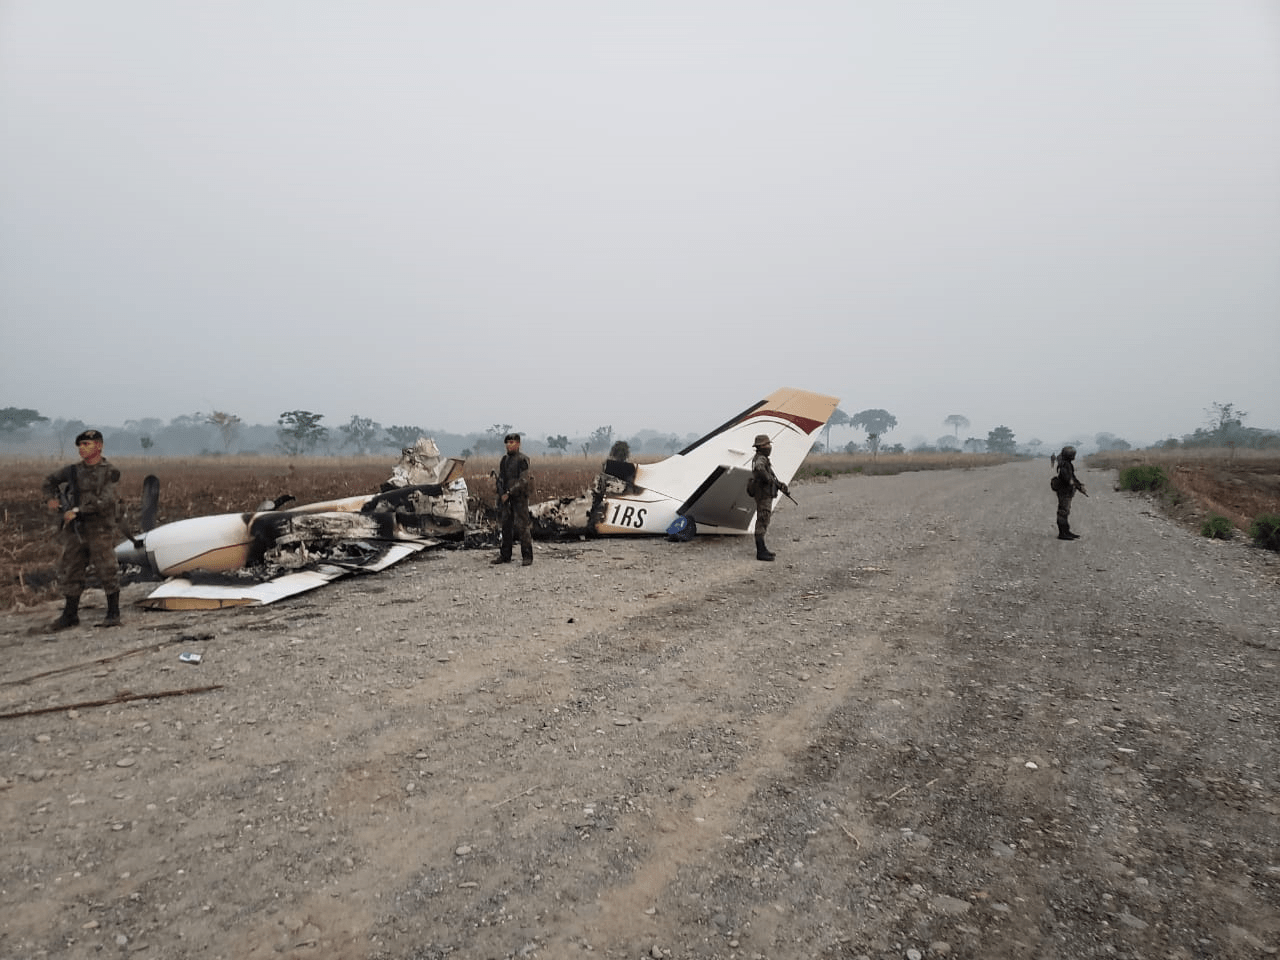 Elementos del Ejército custodian los restos de la avioneta, aunque minutos después fueron expulsados por comunitarios de la aldea Siete Cerros. (Foto Prensa Libre: Cortesía)